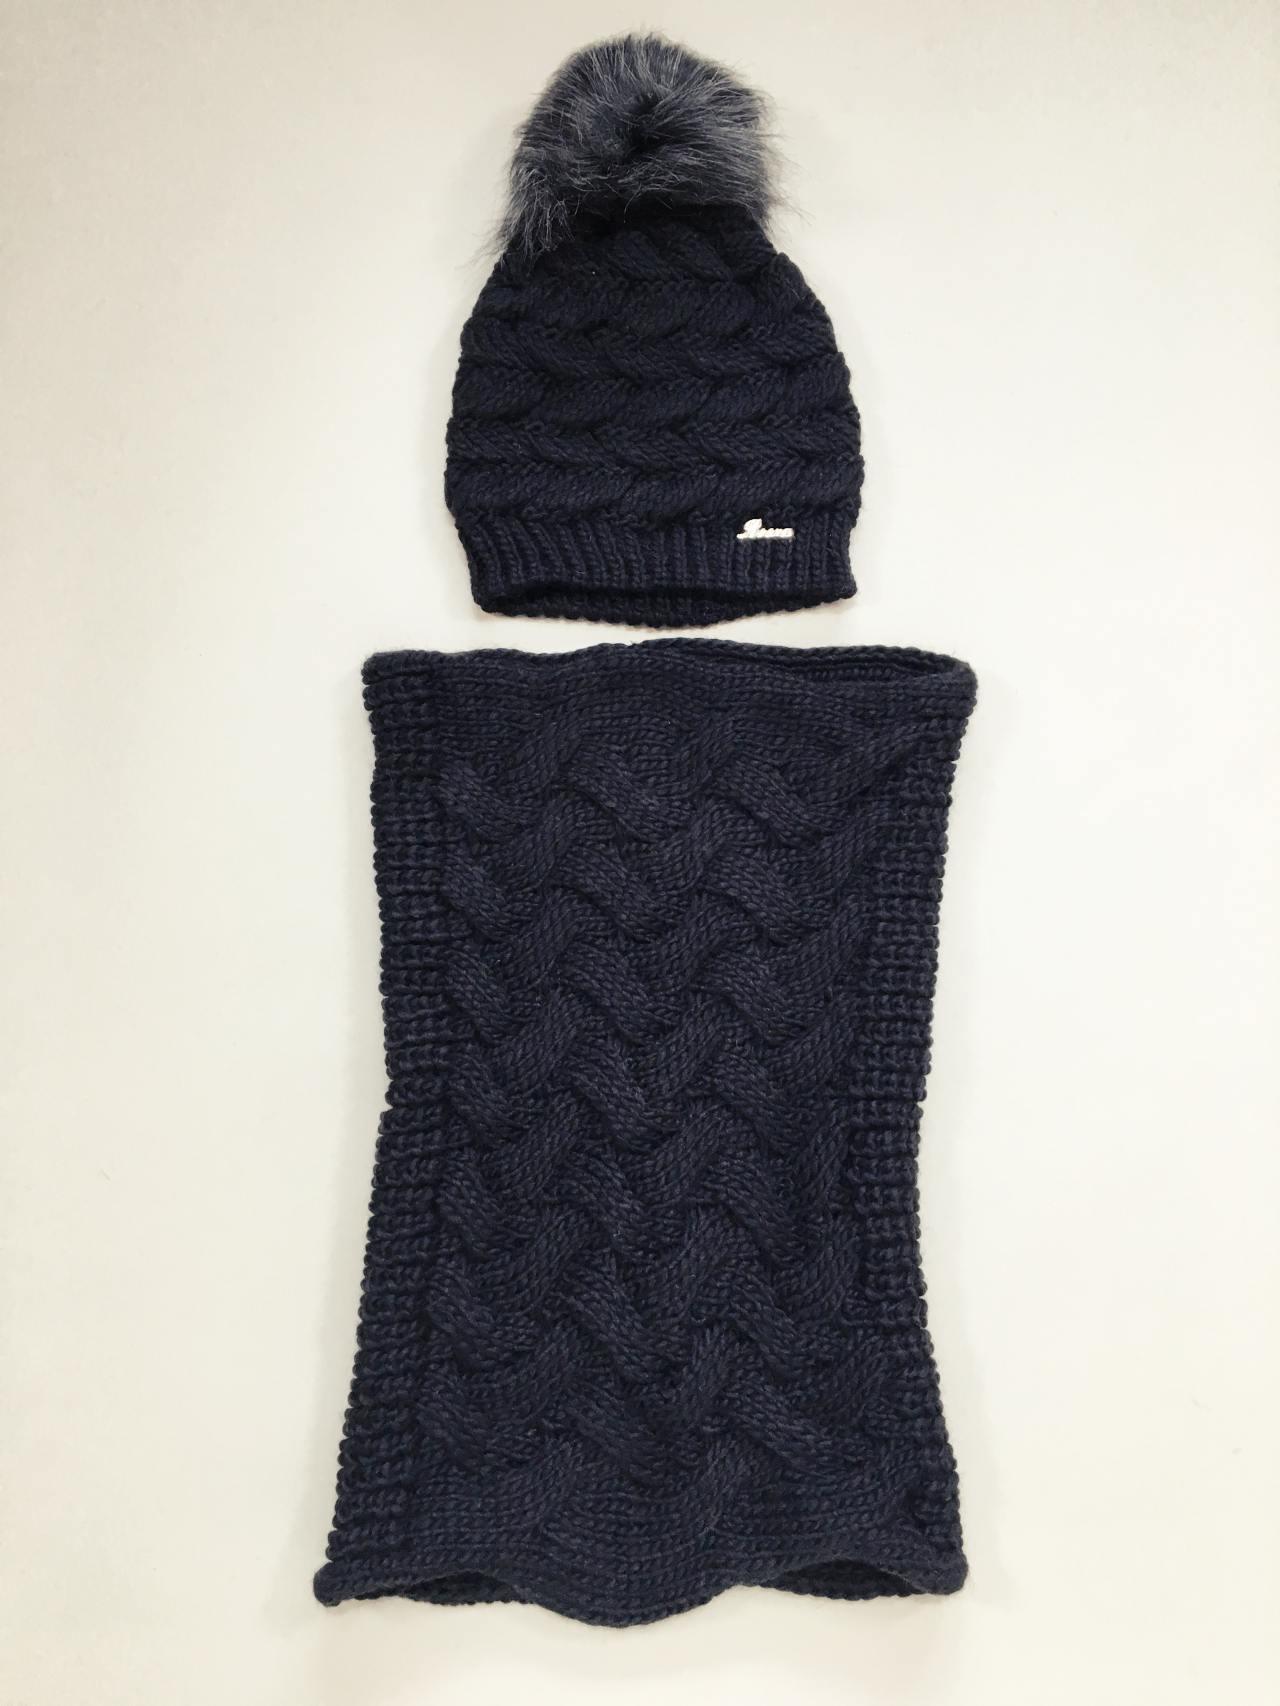 Pletený komplet čepice a nákrčník černá 03